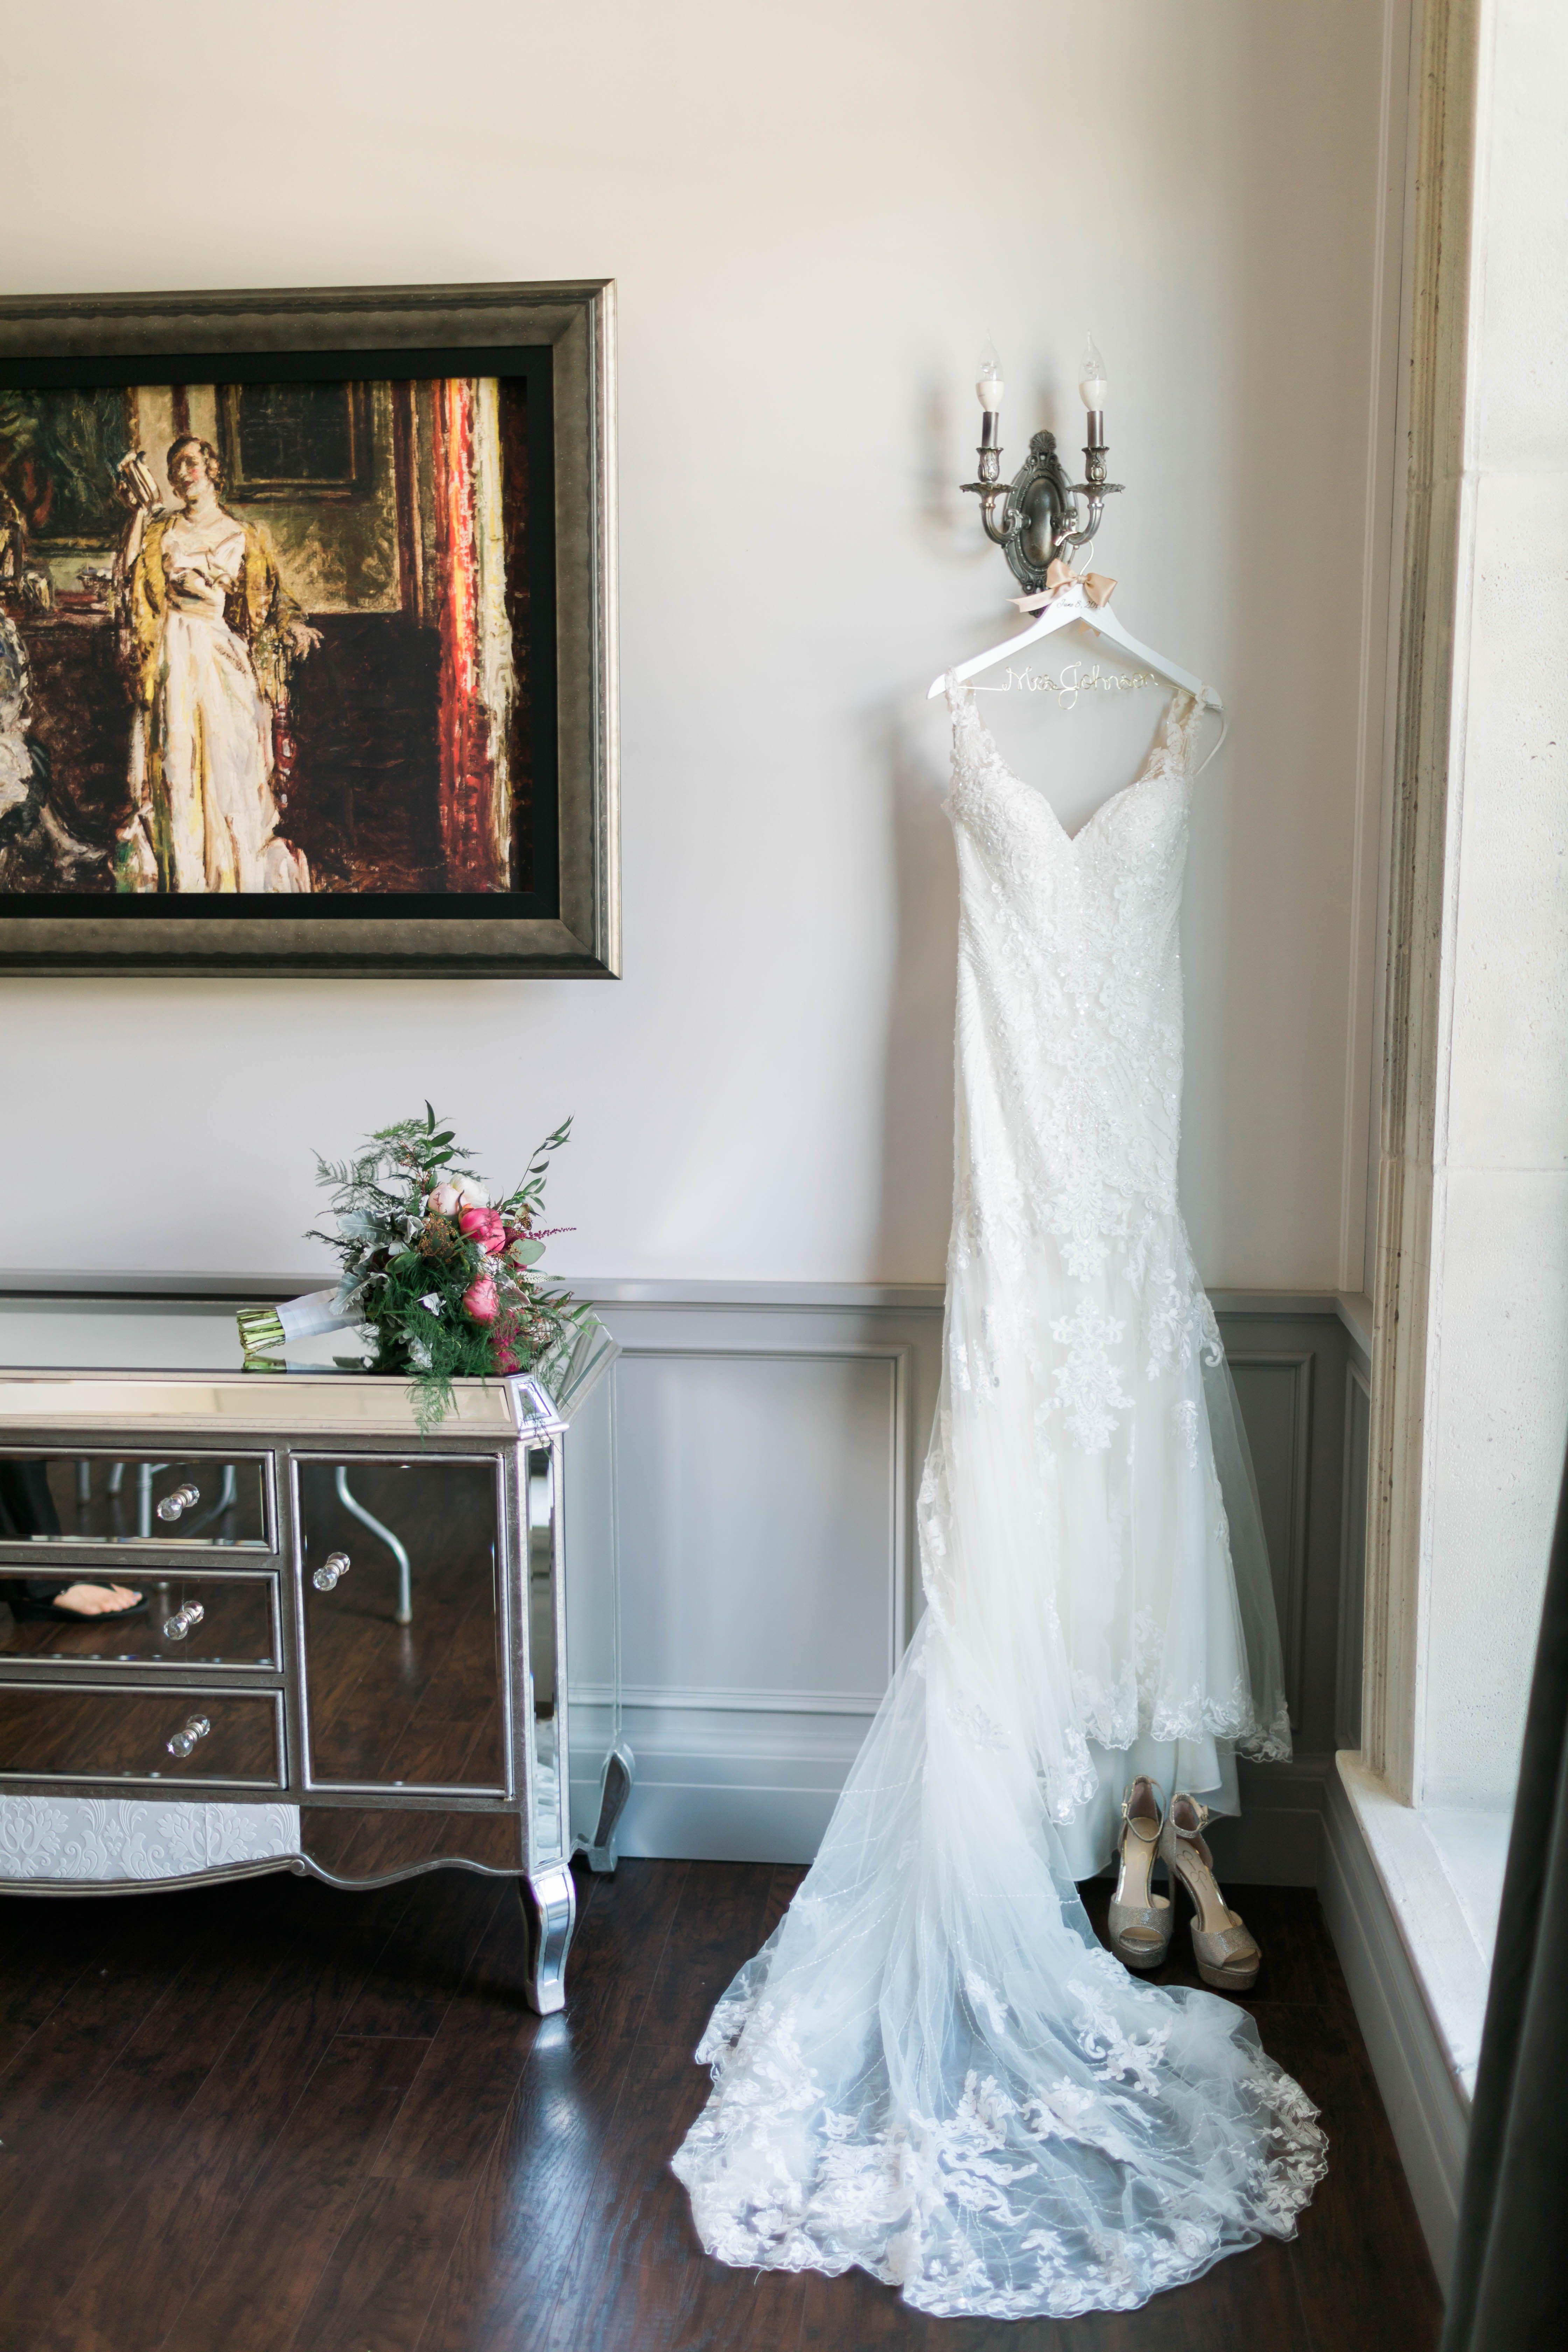 Lace Wedding Dress Lace Gown Chateau Des Fleurs Boise Idaho Classic Wedding Elegant Luxury B Wedding Dresses Lace Wedding Classic International Wedding,How To Find A Cheap Wedding Dress